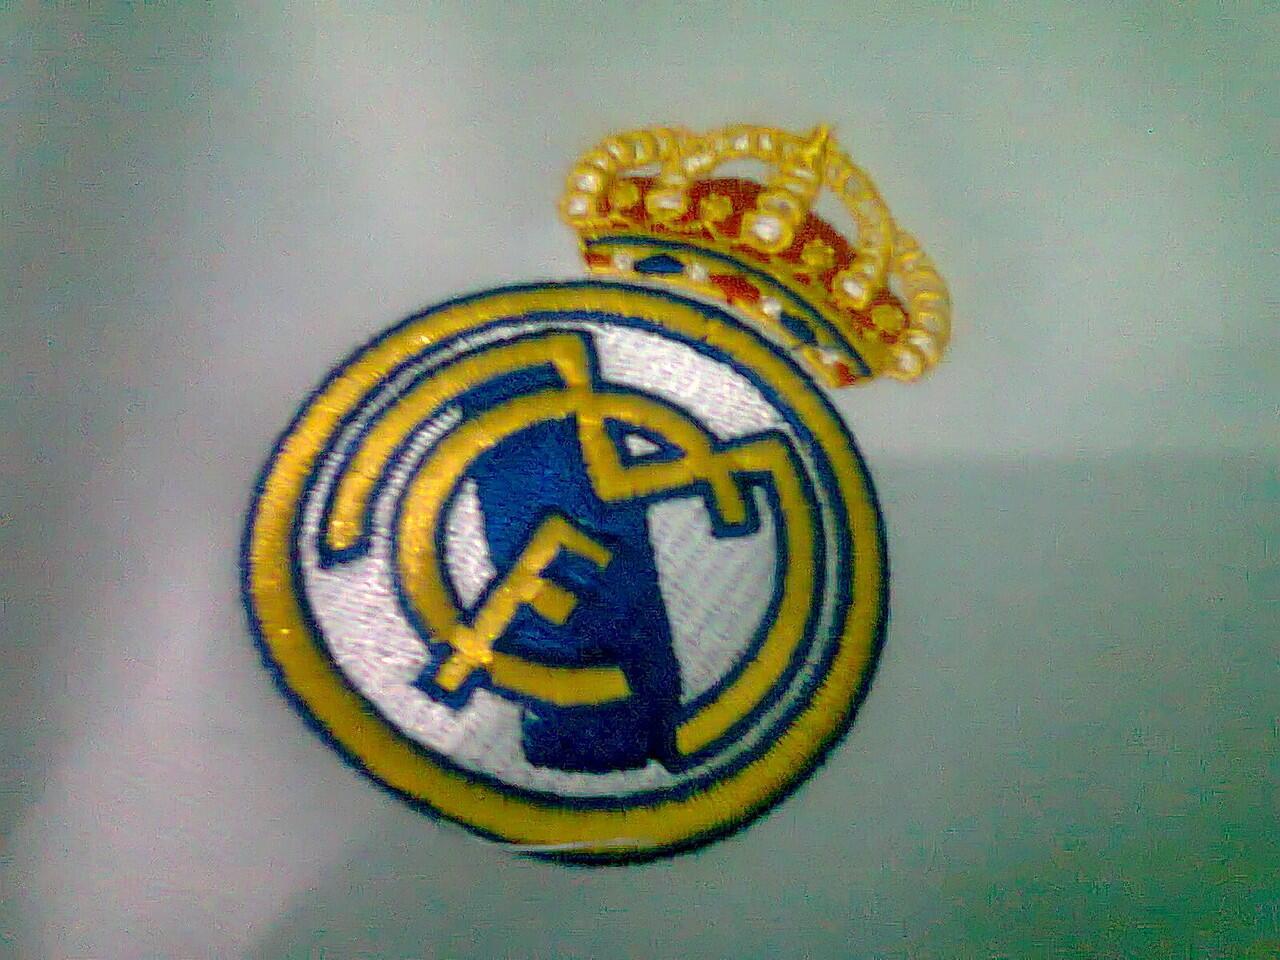 [SECOND] Jual Cepat (BU) Jaket Anthem Real Madrid 12/13 Grade Ori Murah!